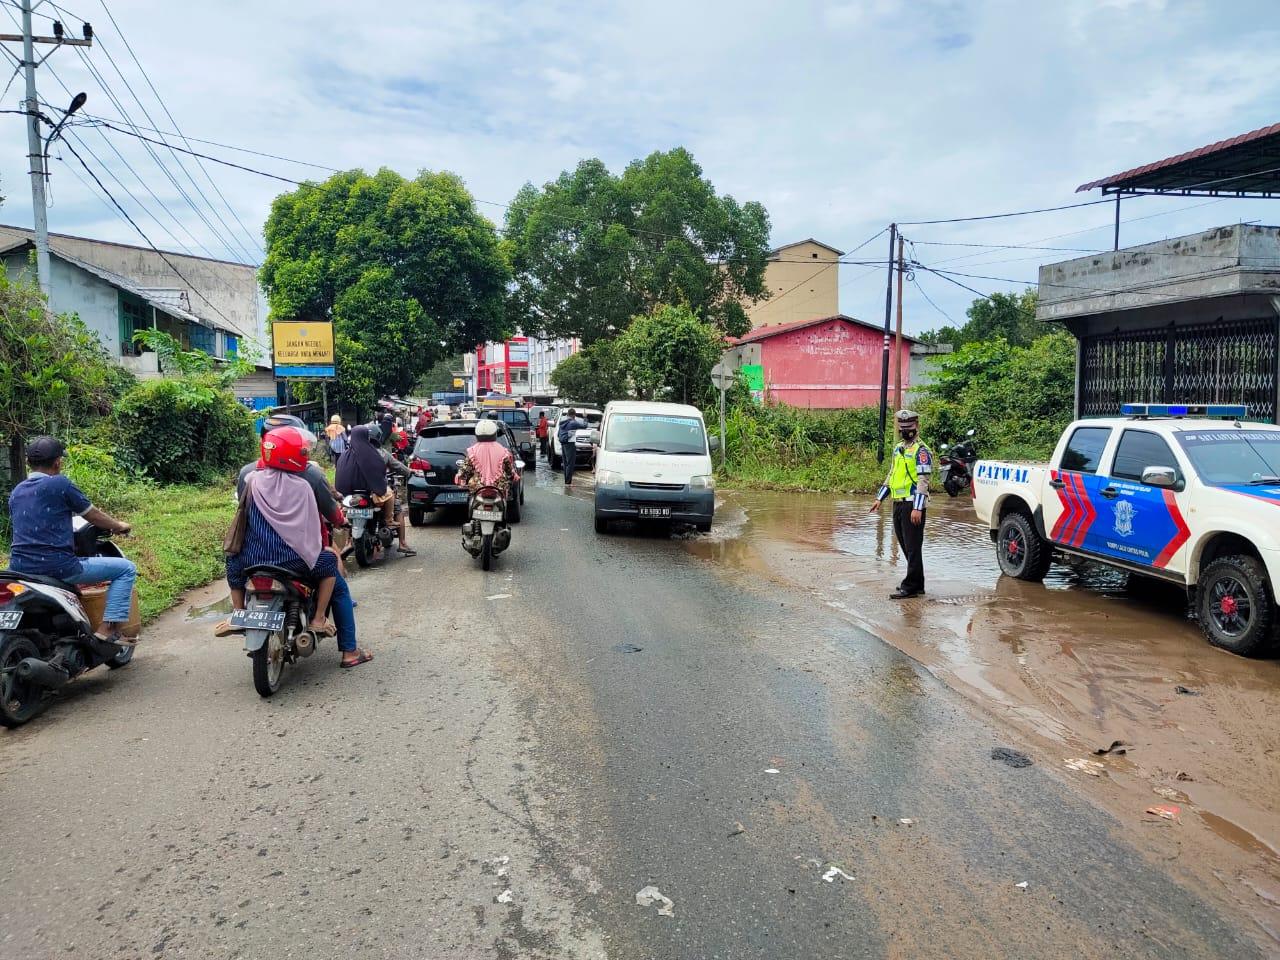 Cuaca kembali hujan jalan licin di kota Ketapang, kurangi kecepatan kendaraan anda